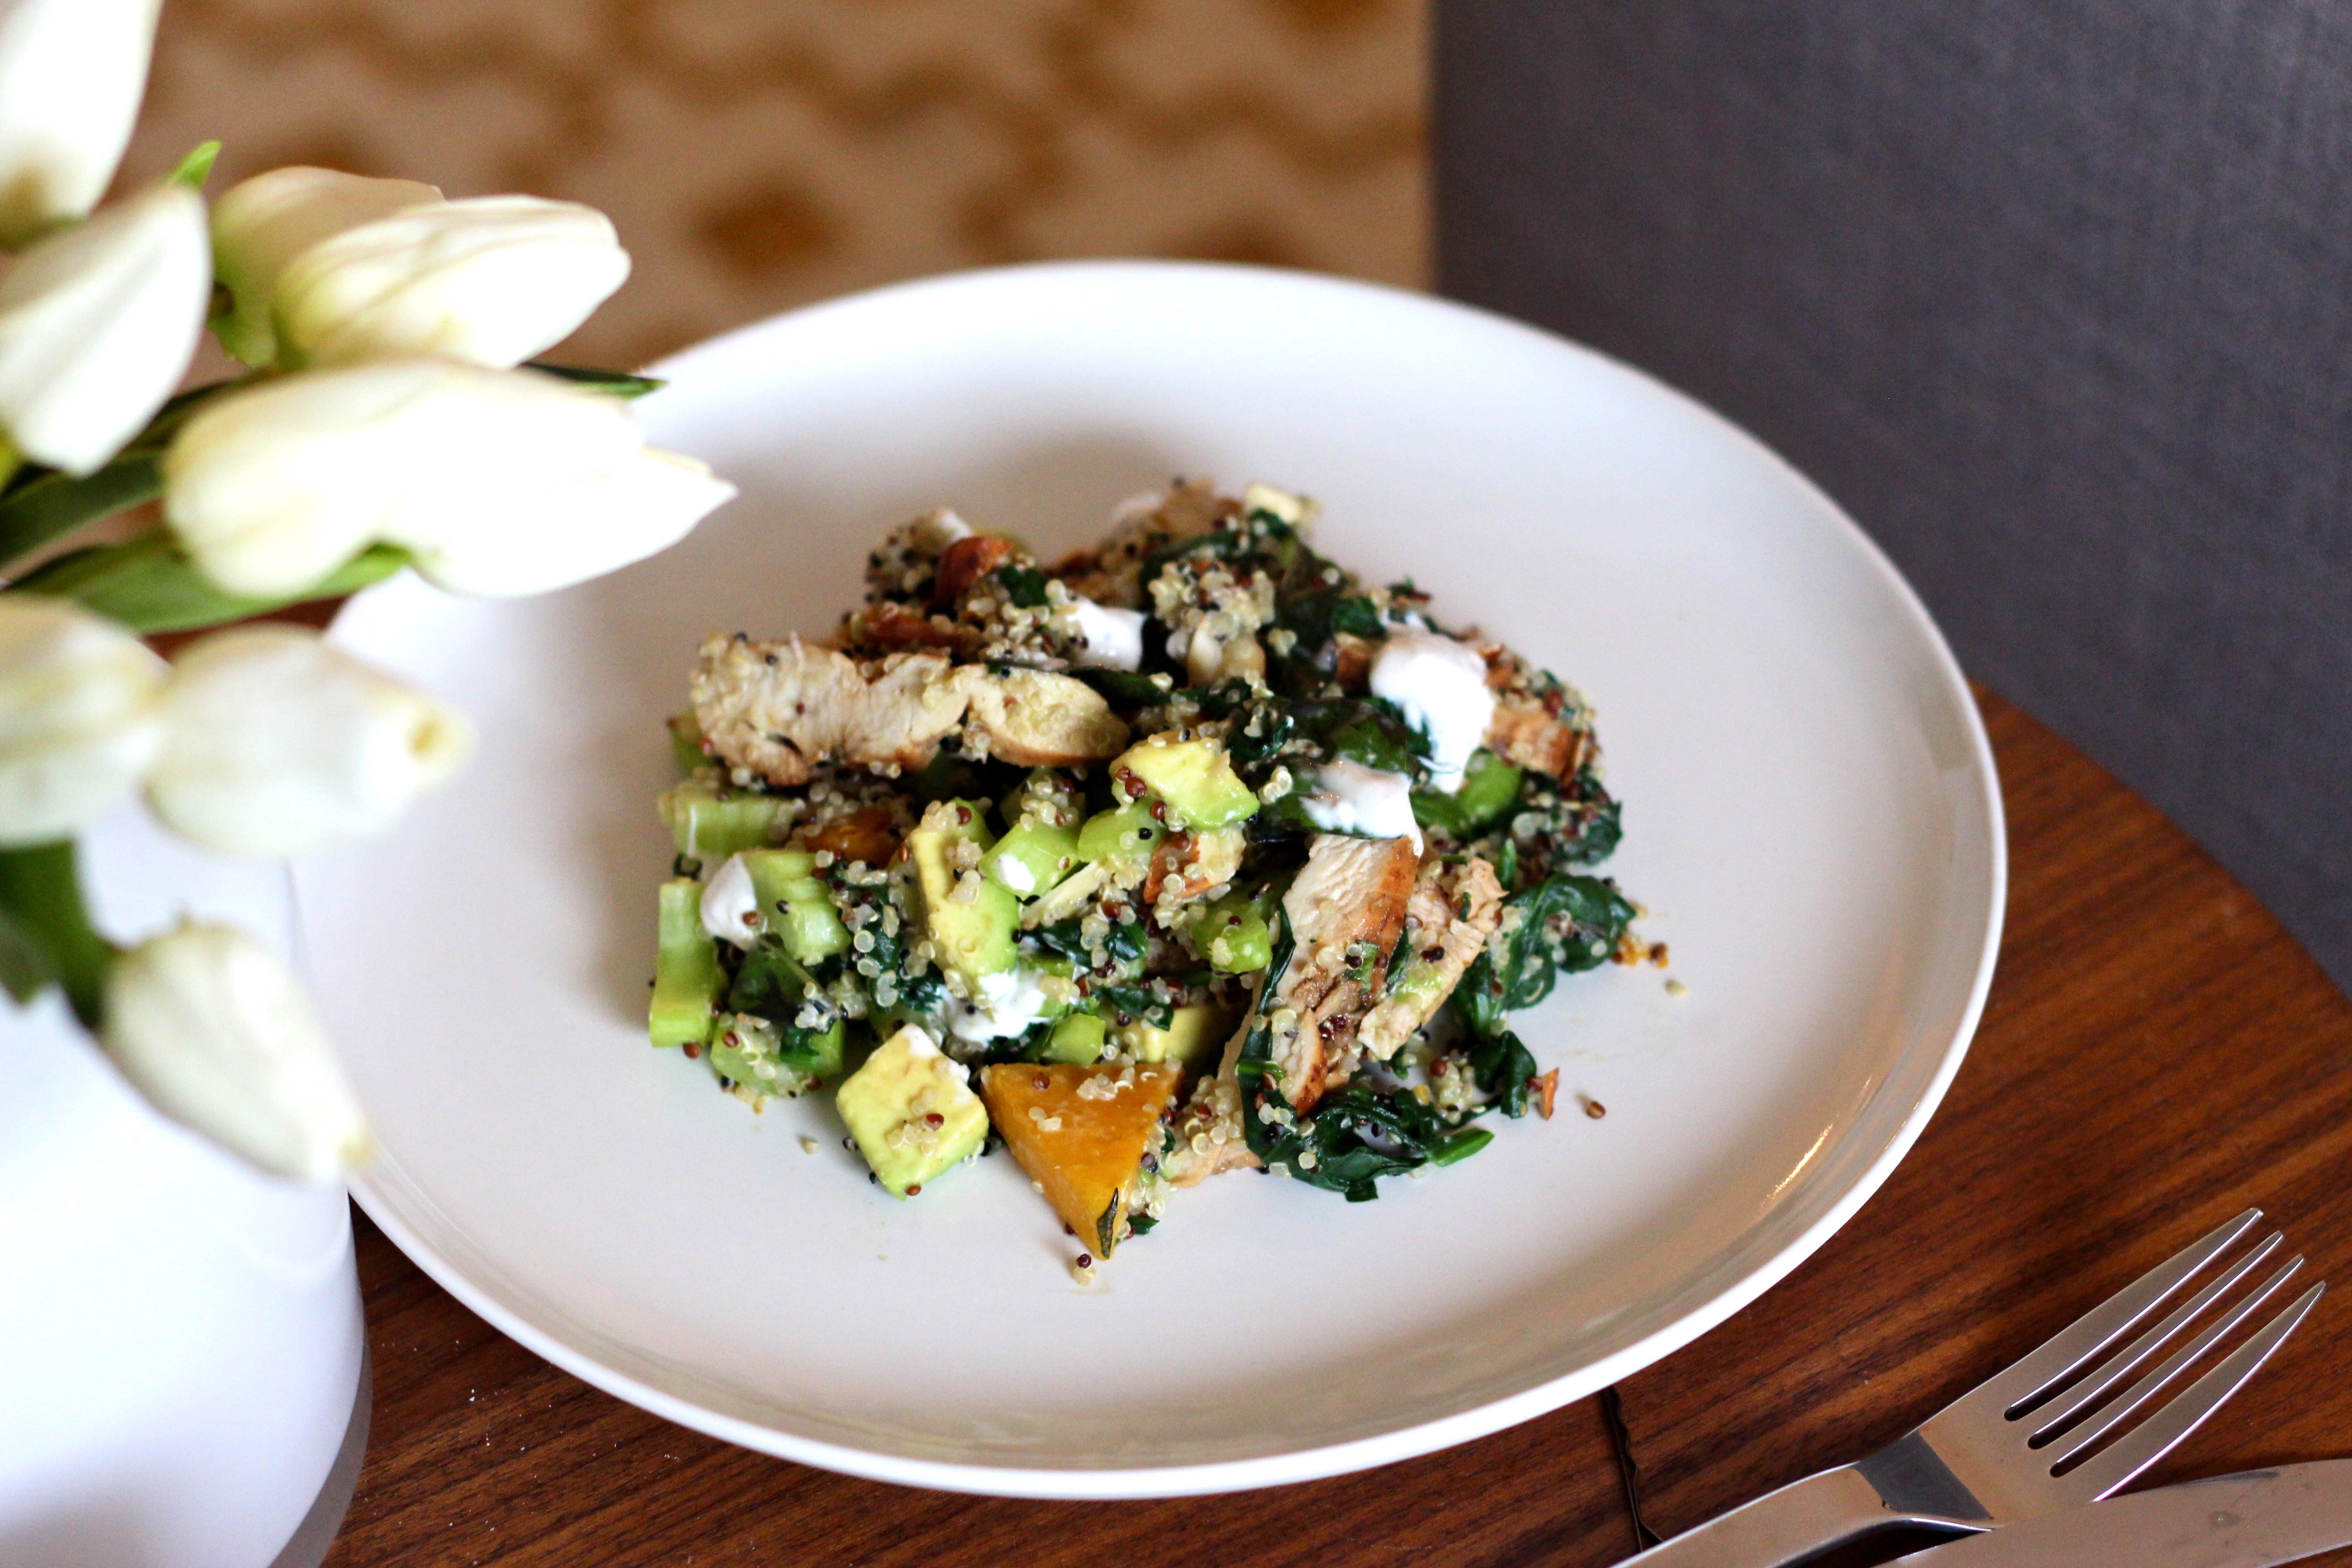 Black Quinoa With Avocado, Almonds, And Honey Recipes — Dishmaps